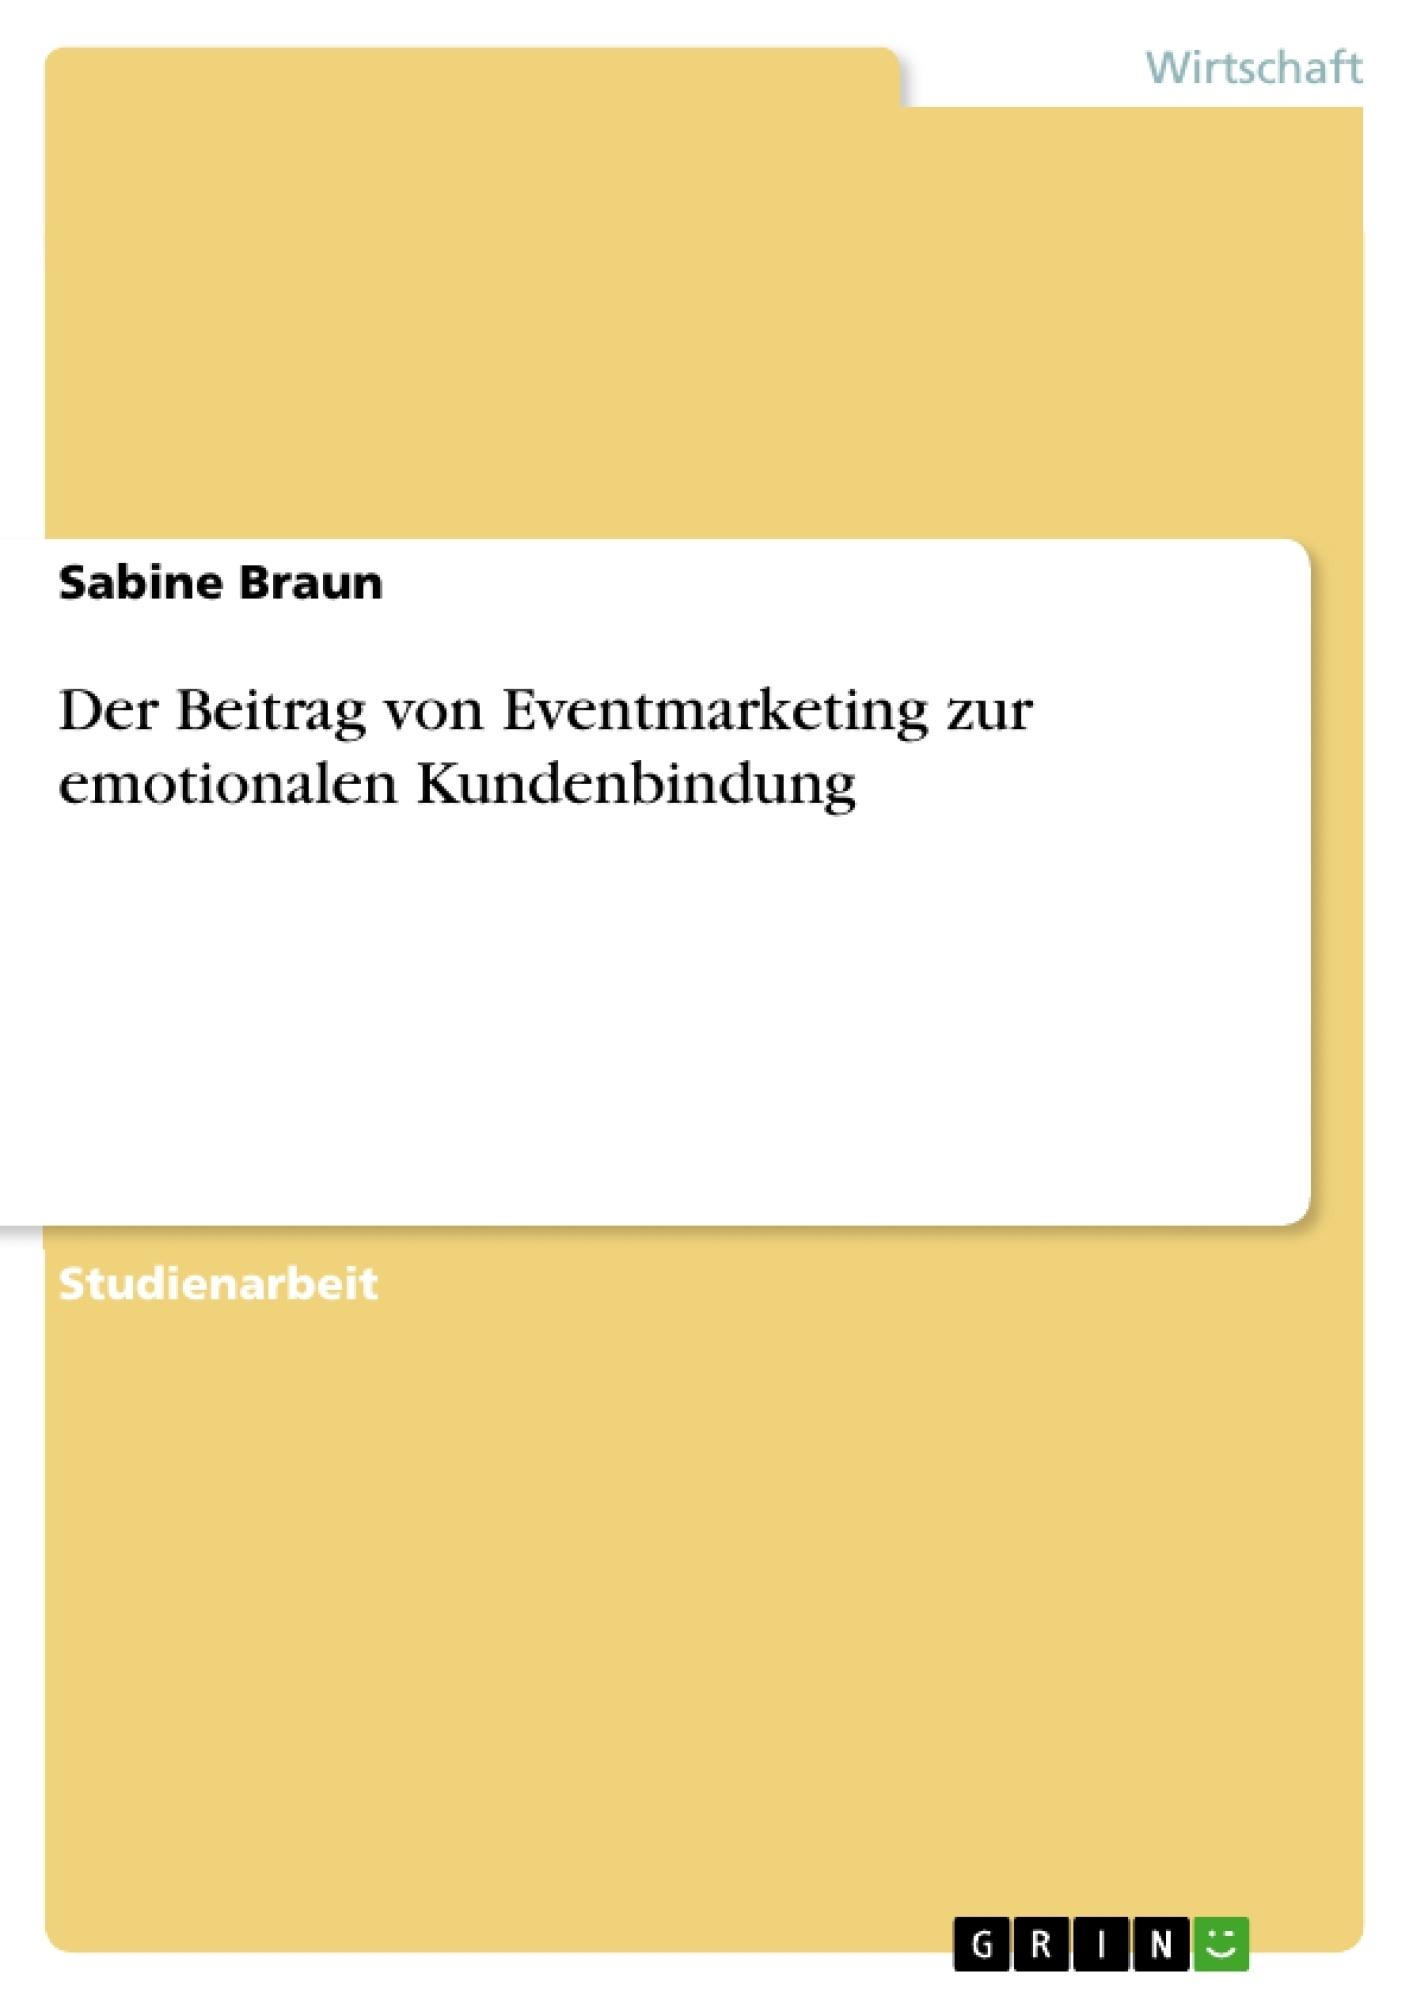 Titel: Der Beitrag von Eventmarketing zur emotionalen Kundenbindung